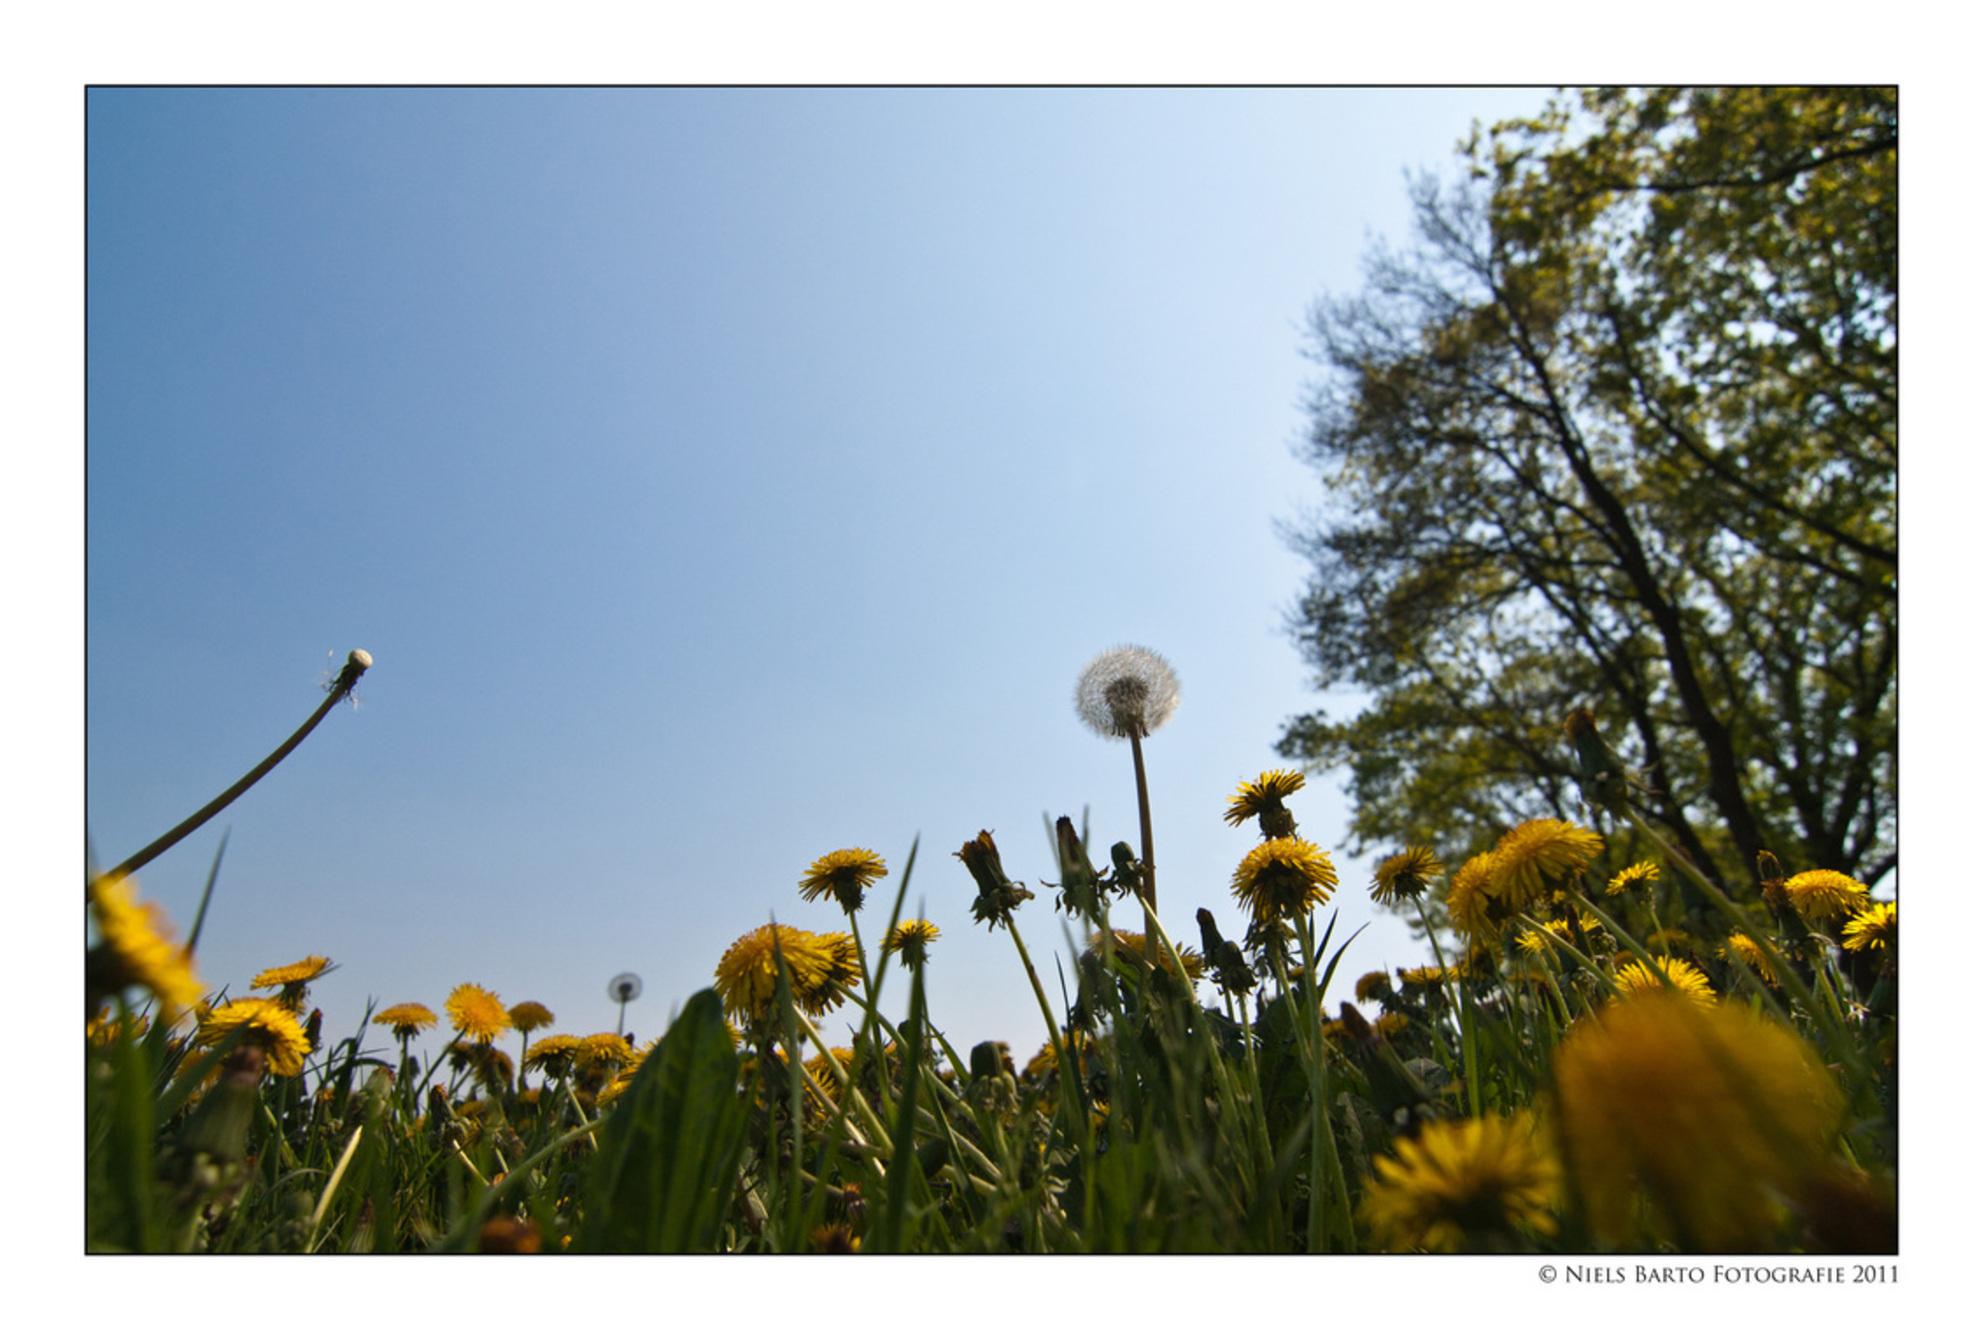 It's a small world... - Paardebloemen in het veld. Ik plat op mijn buik om eronder te komen... :-) - foto door GBP op 25-04-2011 - deze foto bevat: lente, voorjaar, paardebloemen - Deze foto mag gebruikt worden in een Zoom.nl publicatie